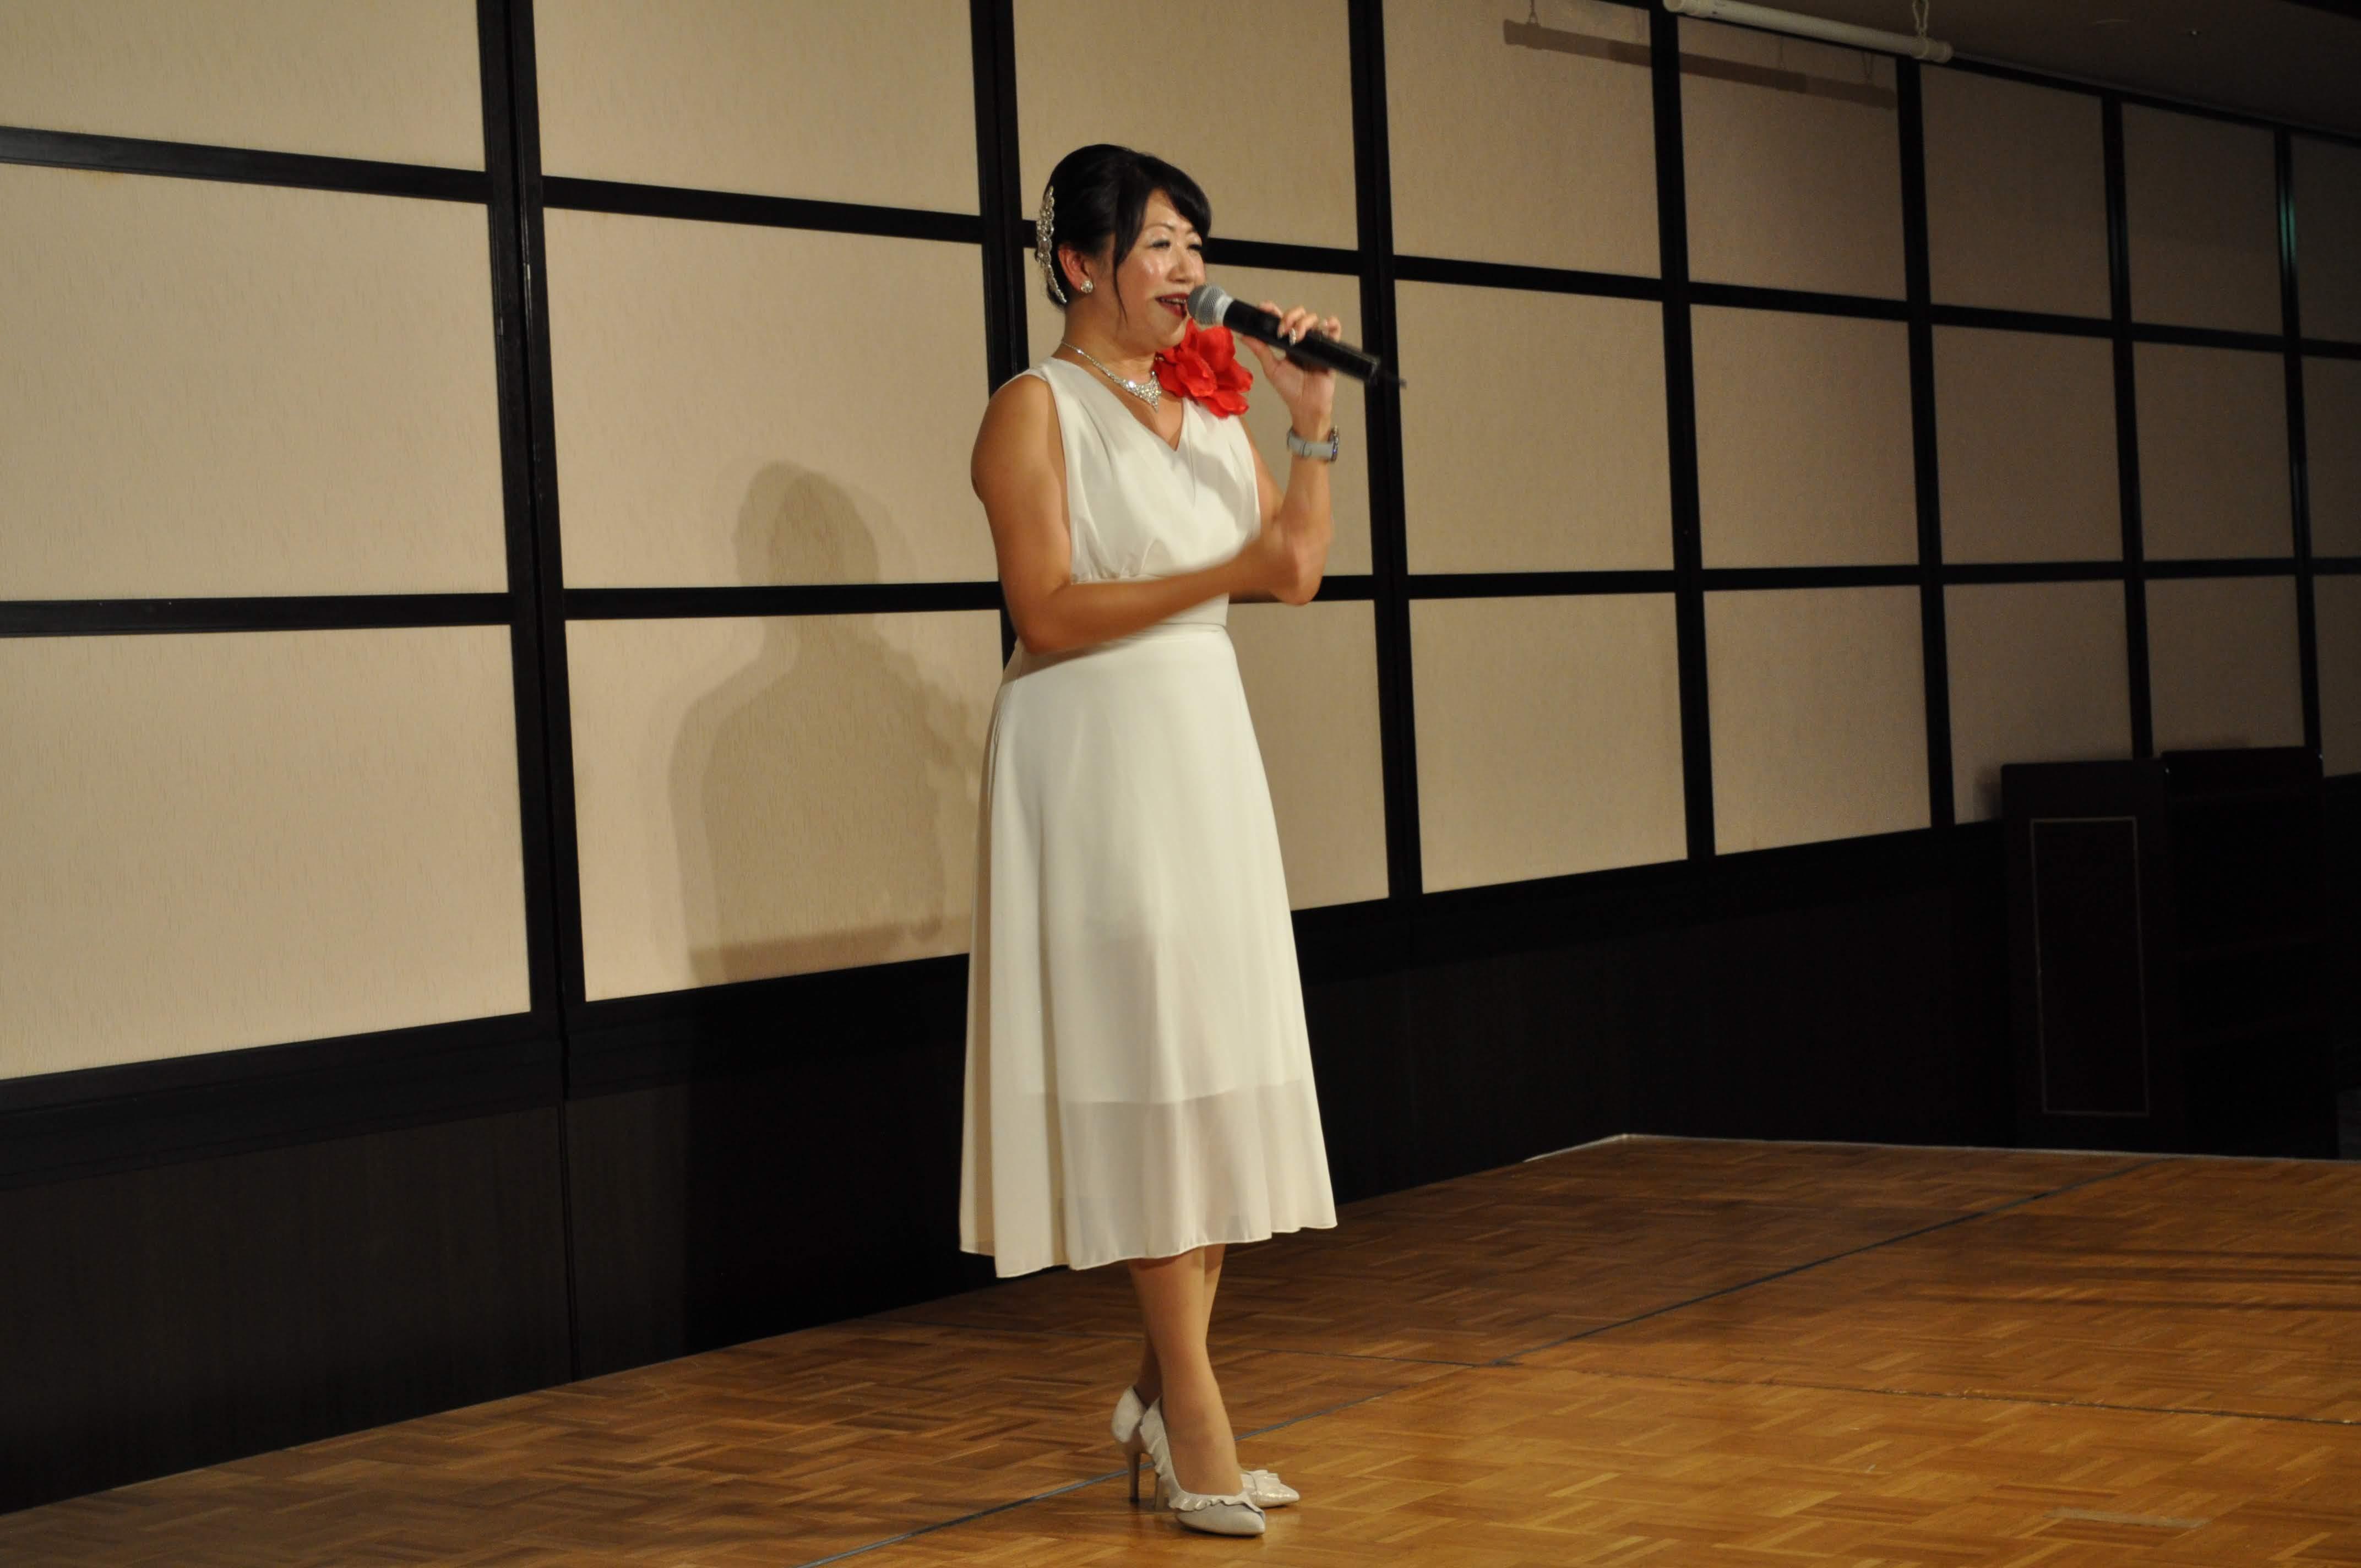 DSC 0488 1 - 思風会全国大会in広島